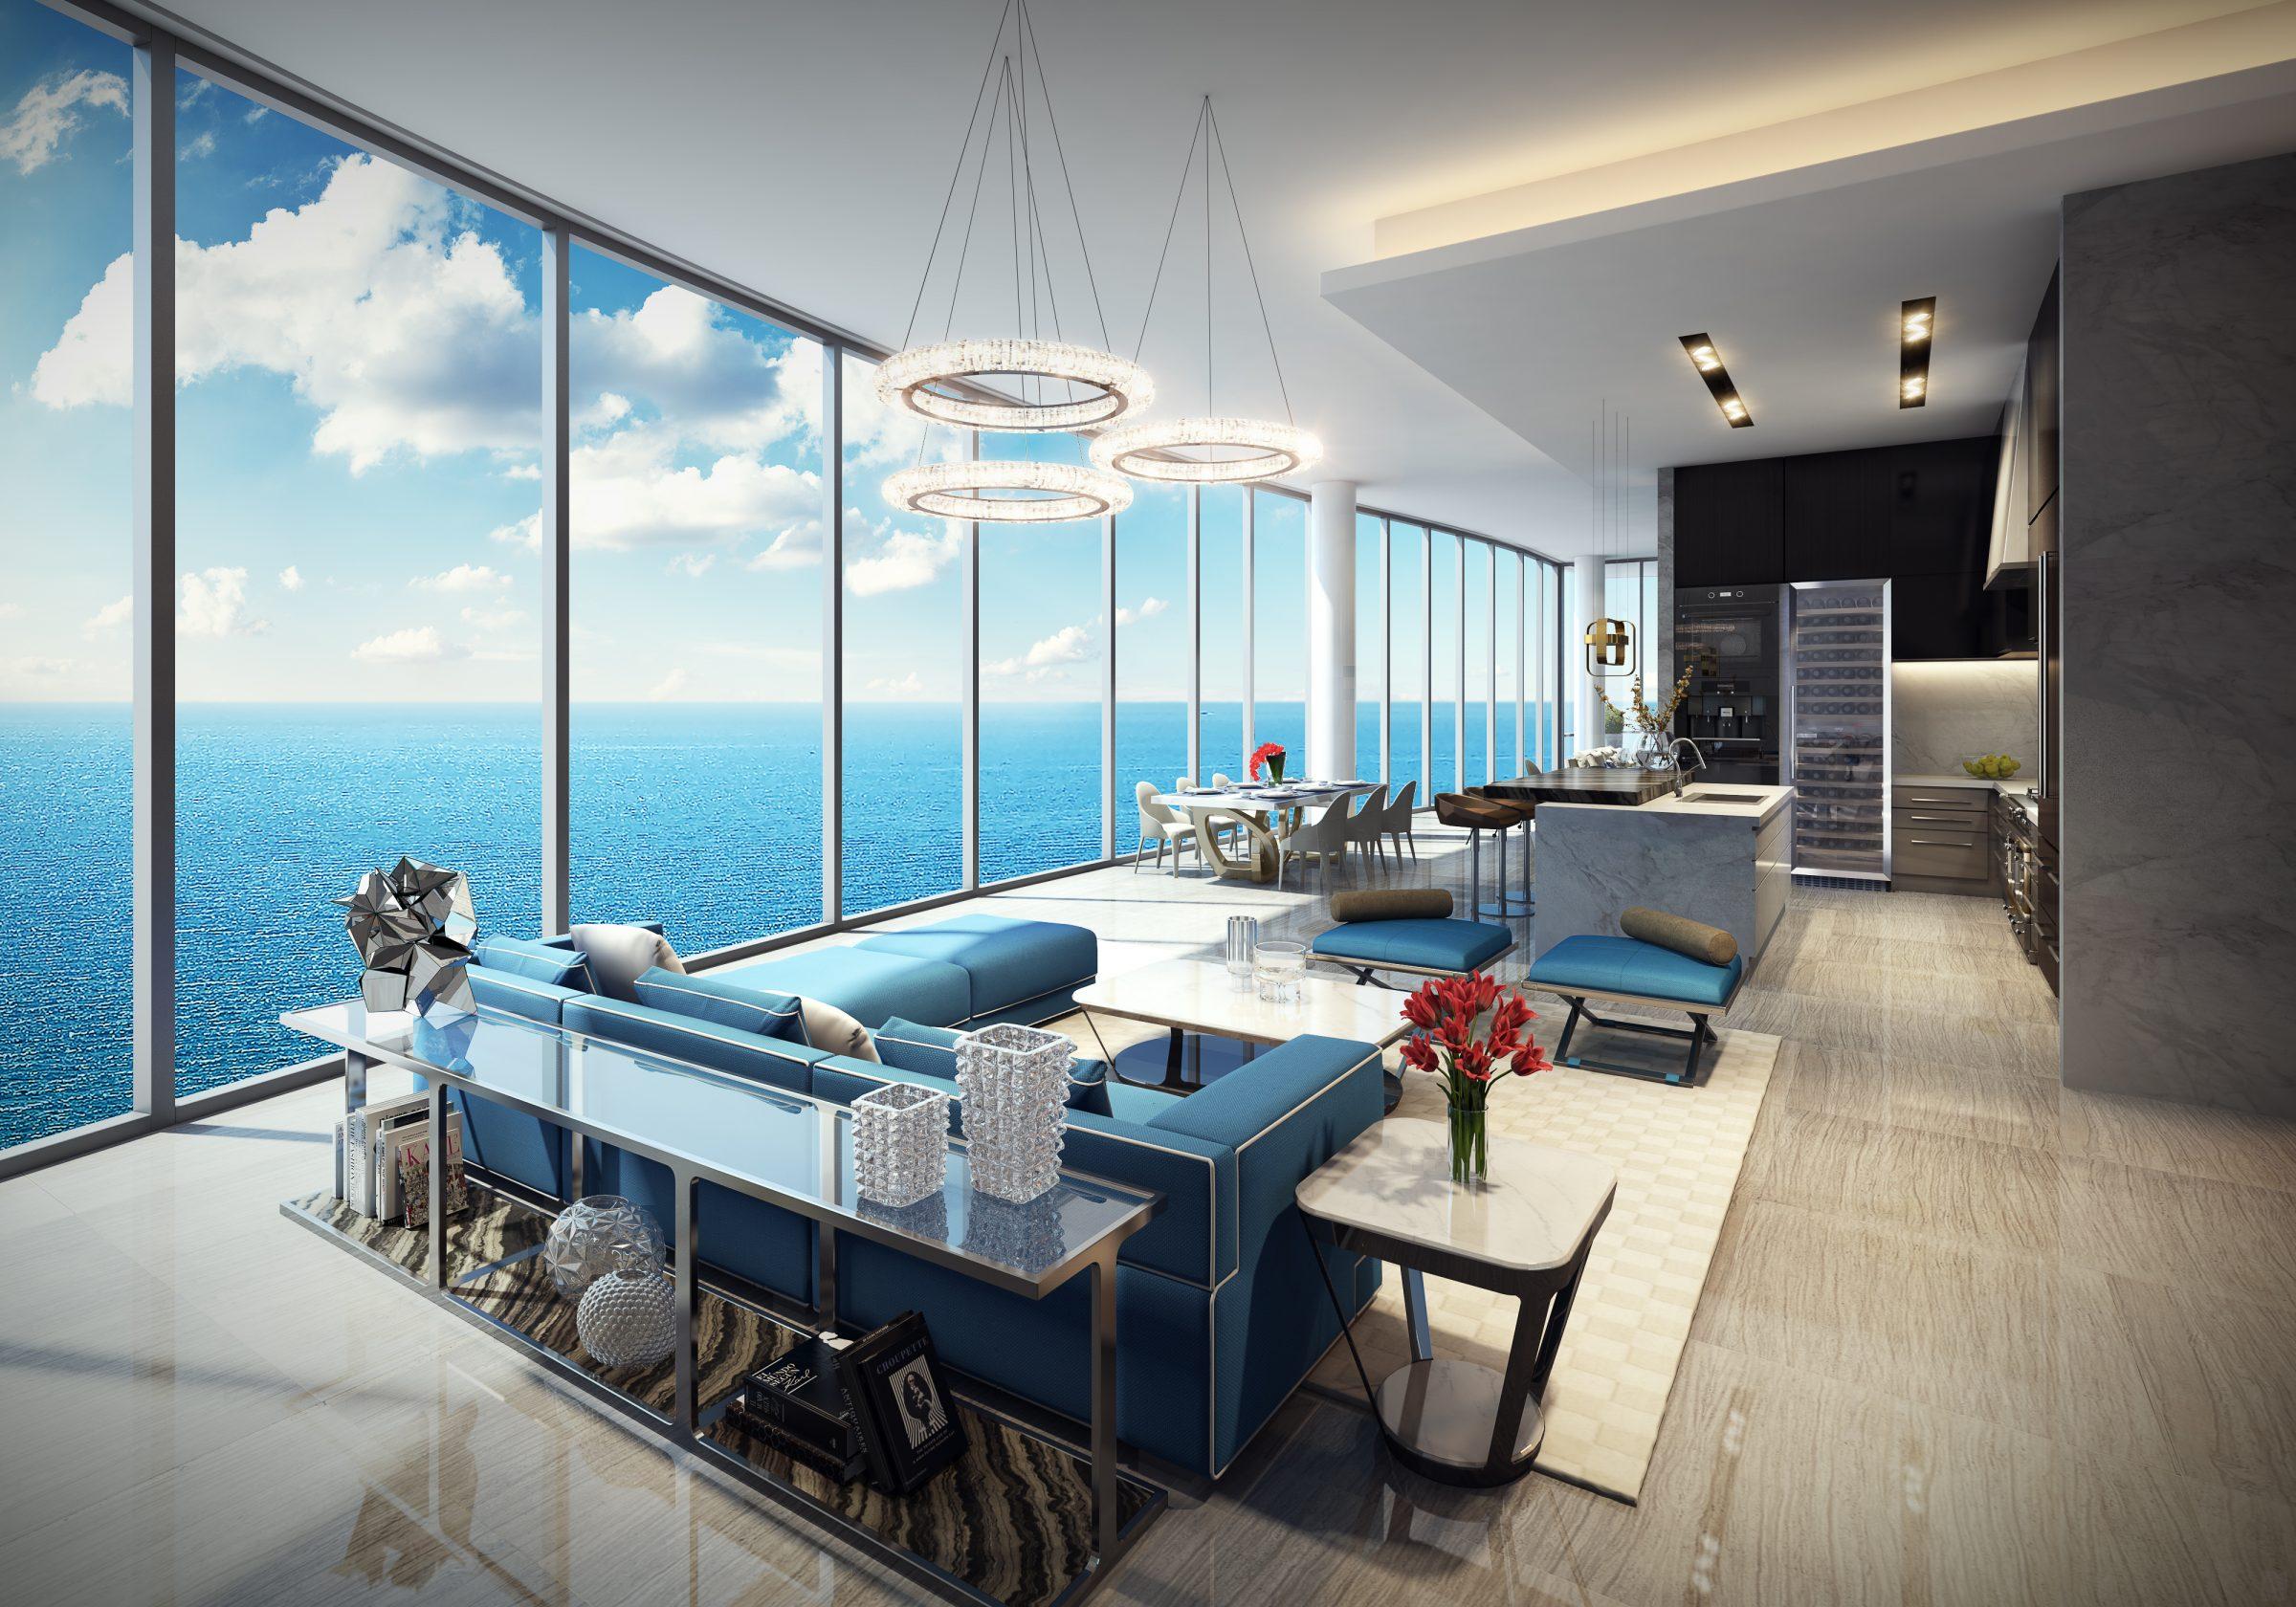 Uffizi-Family-Room-Kitchen-2400x1680.jpg